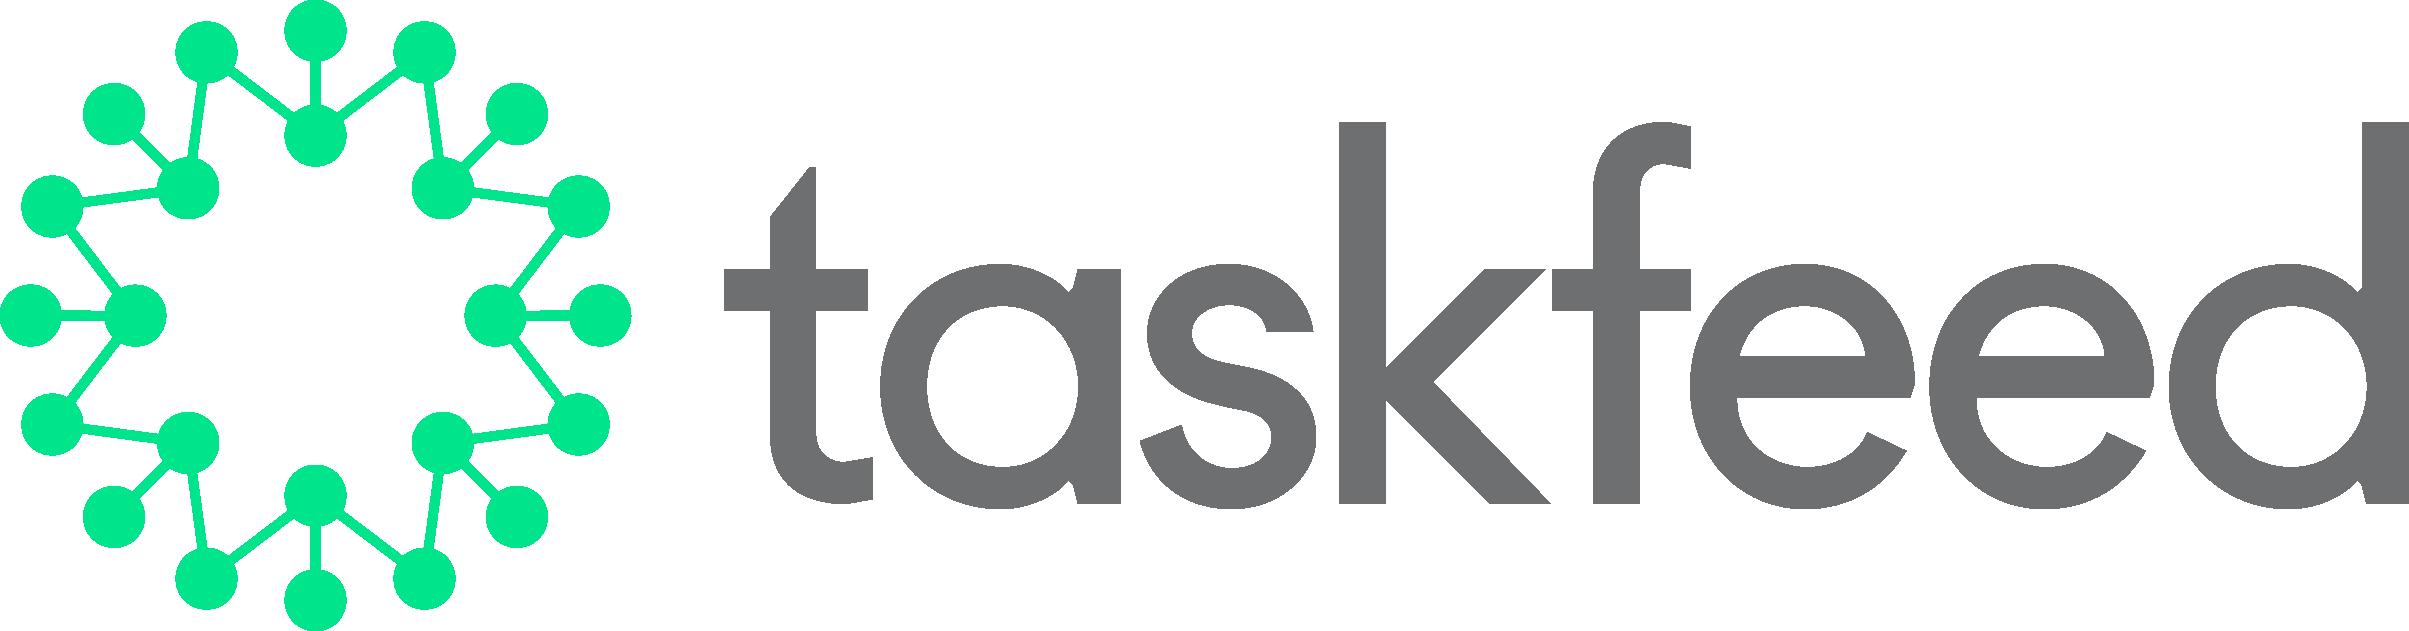 Taskfeed